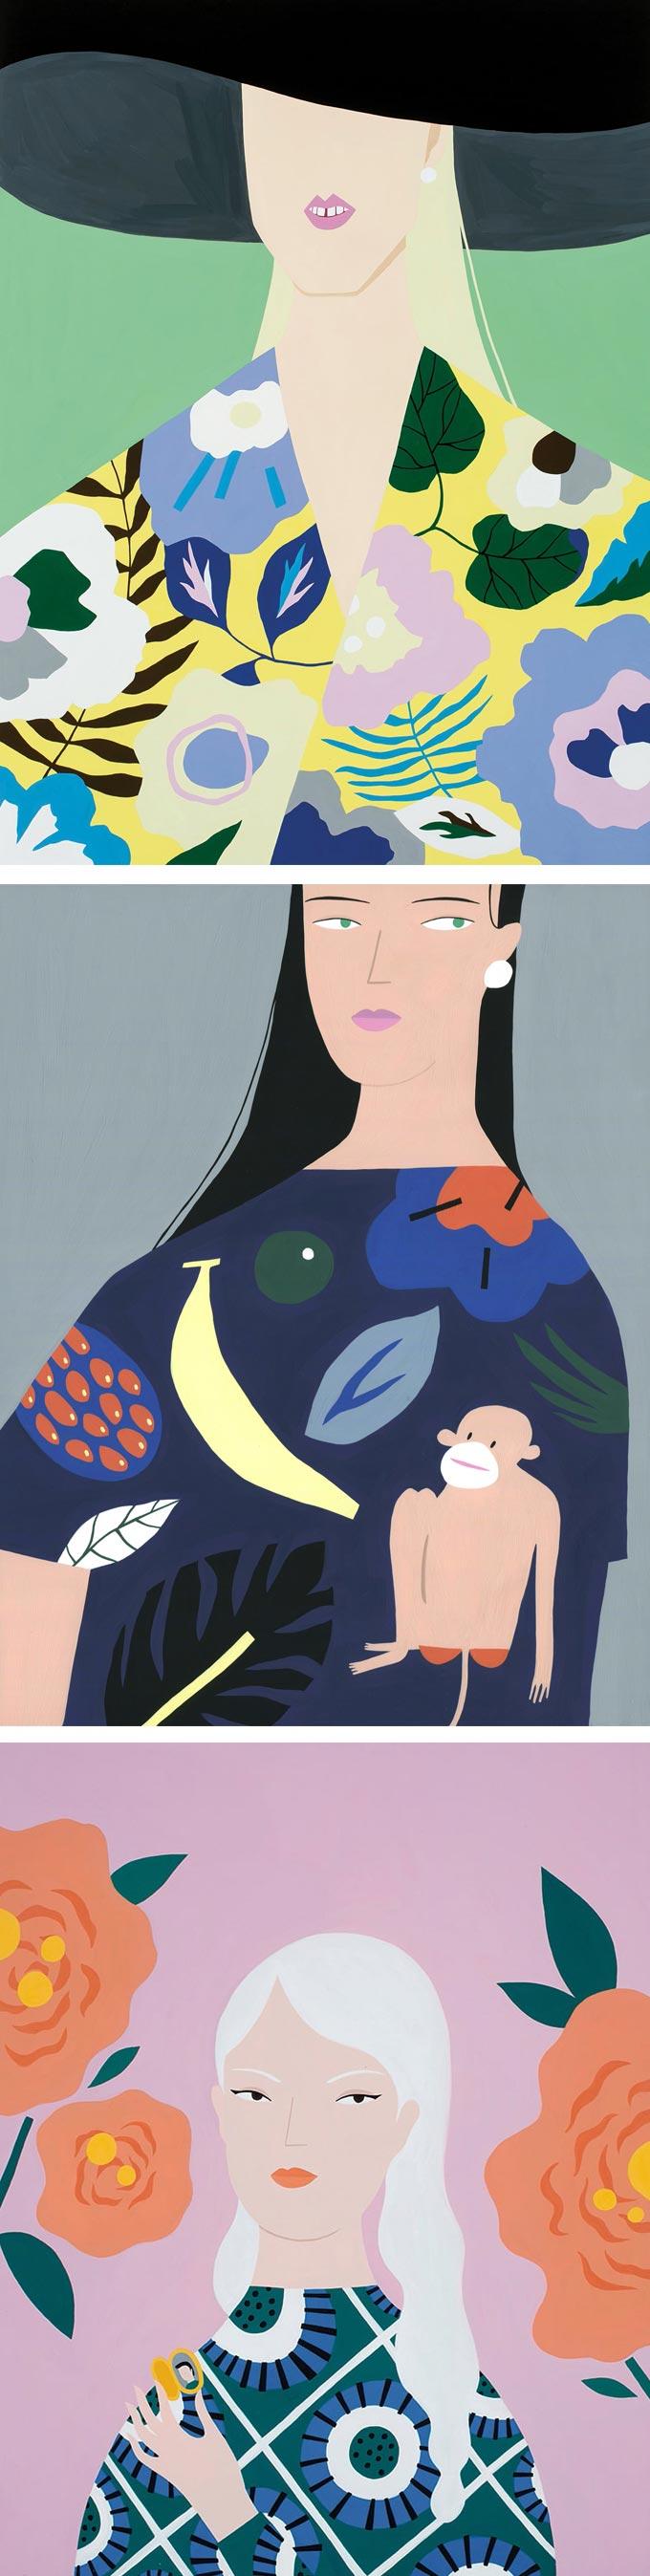 Ayumi Takahashi illustration